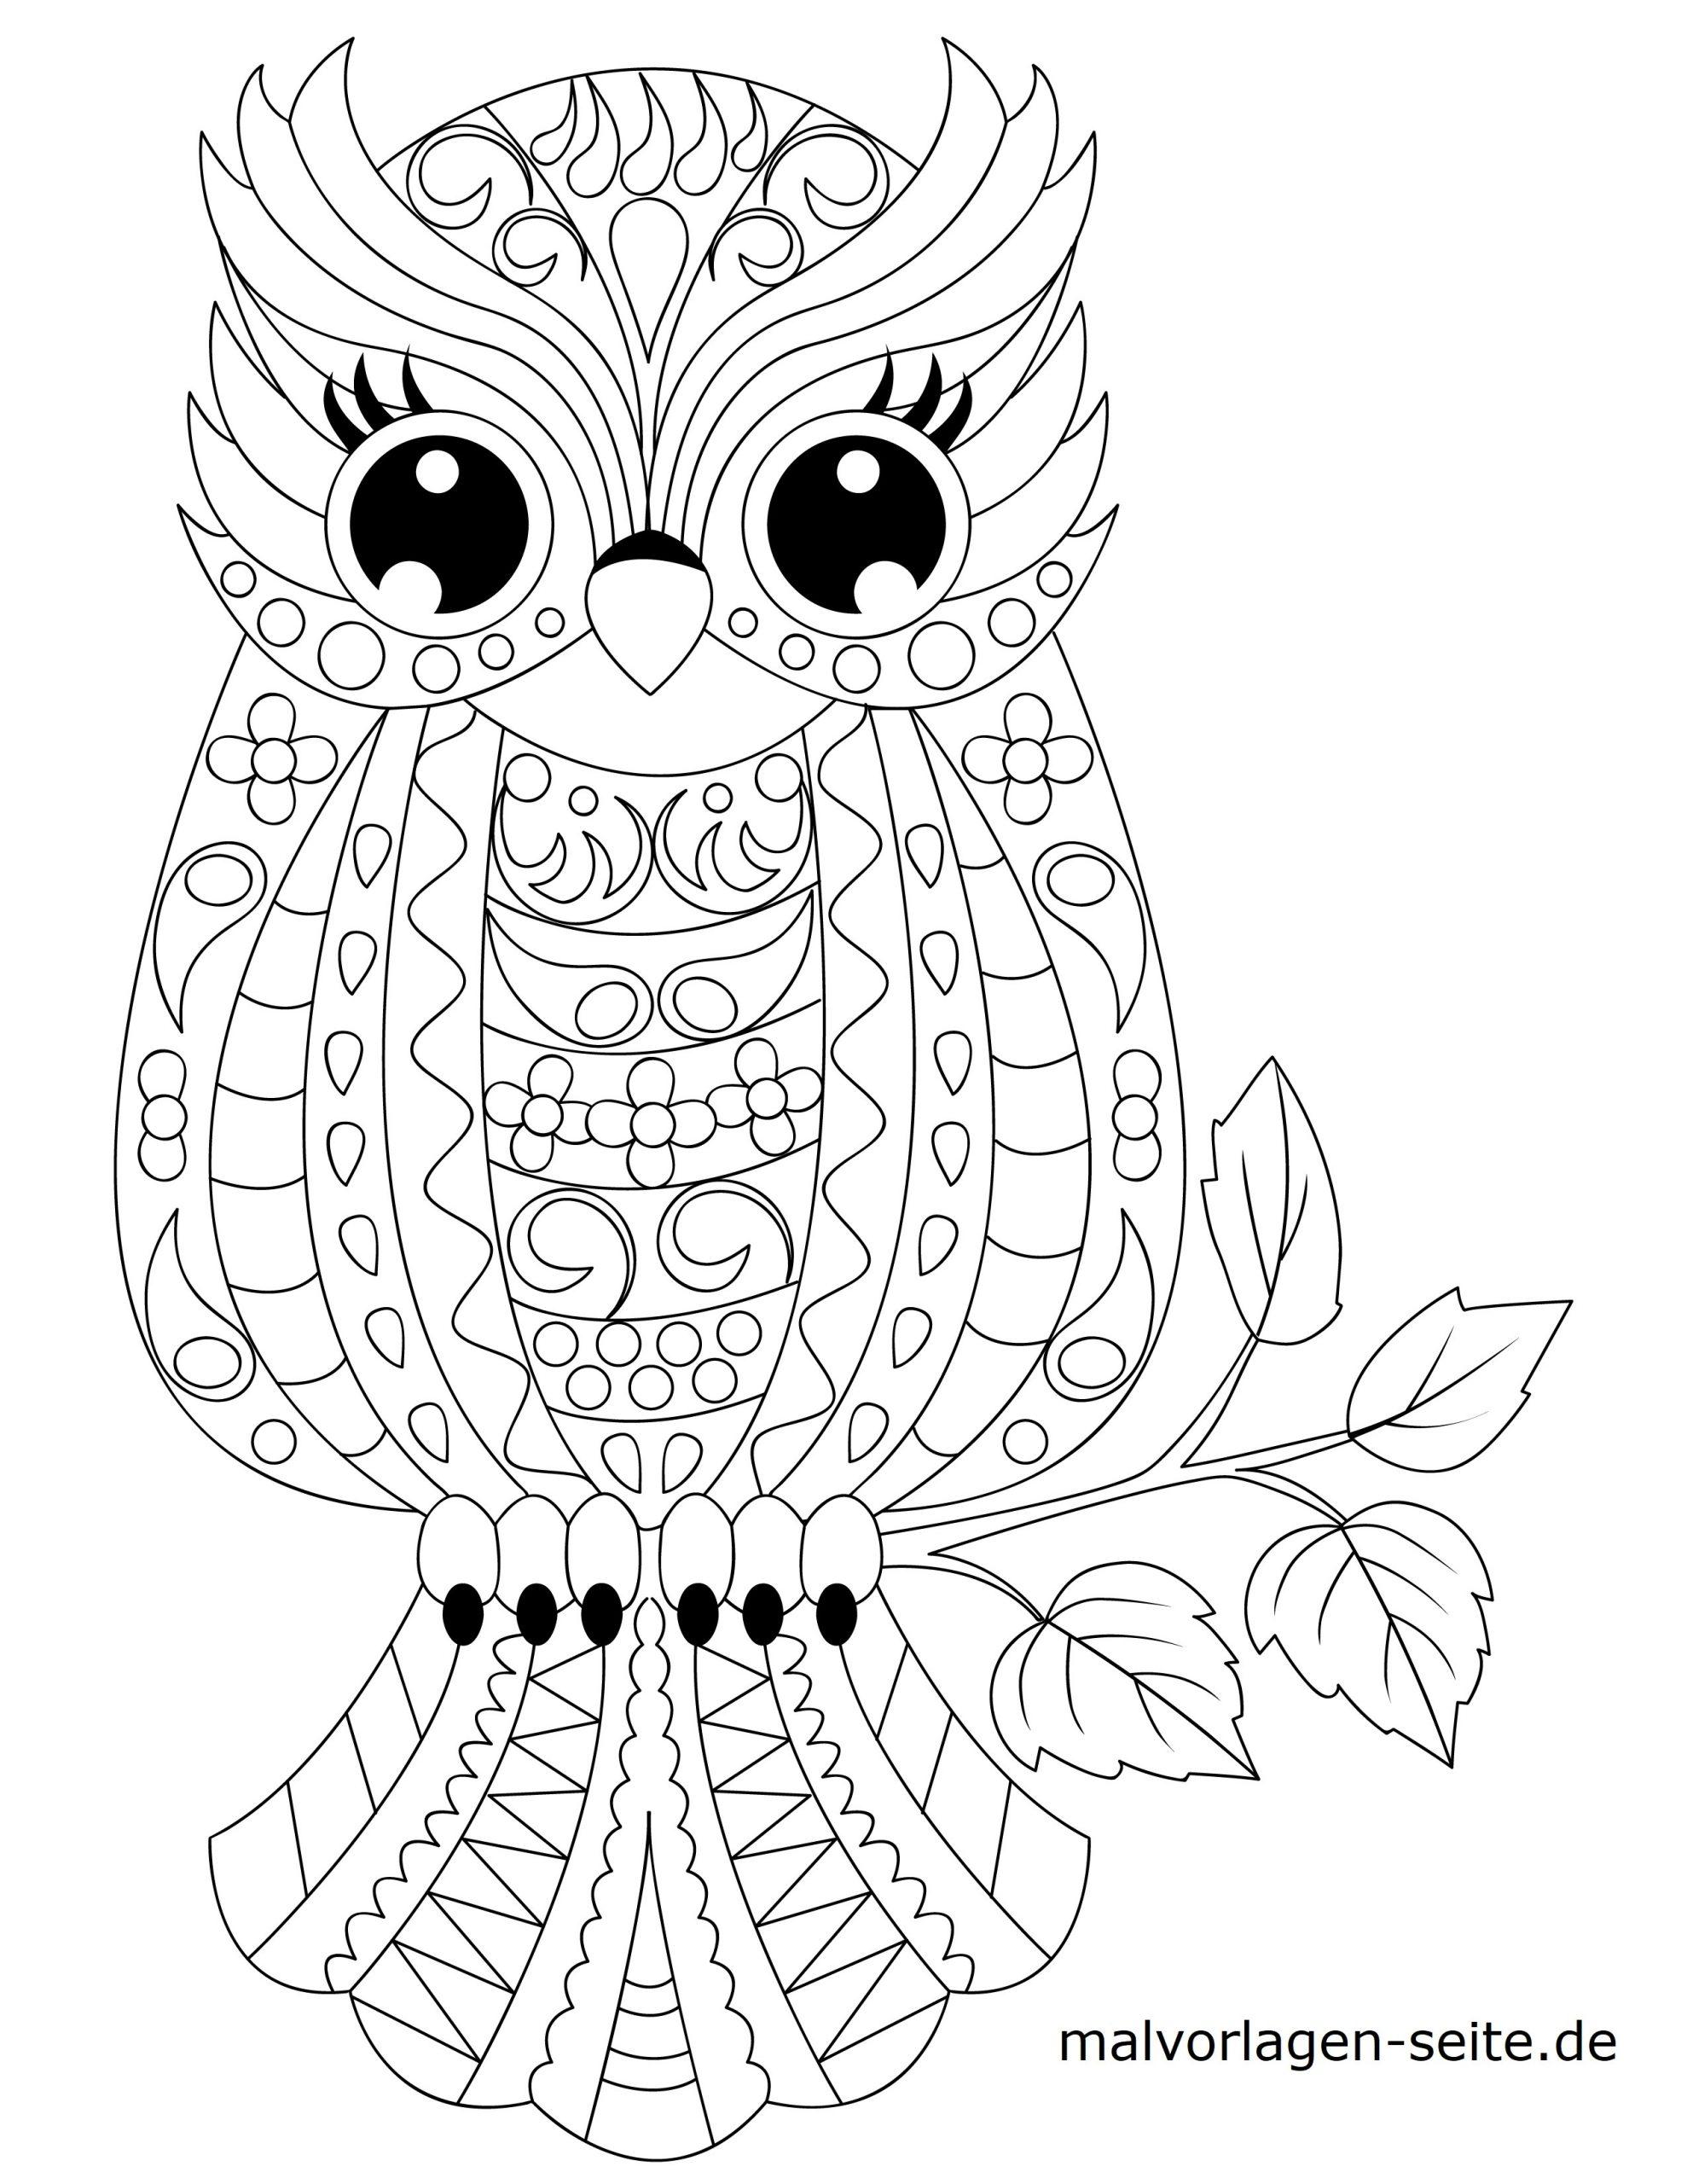 Malvorlage Tiermandala Eule | Tiere Mandala - Ausmalbilder über Tier Mandalas